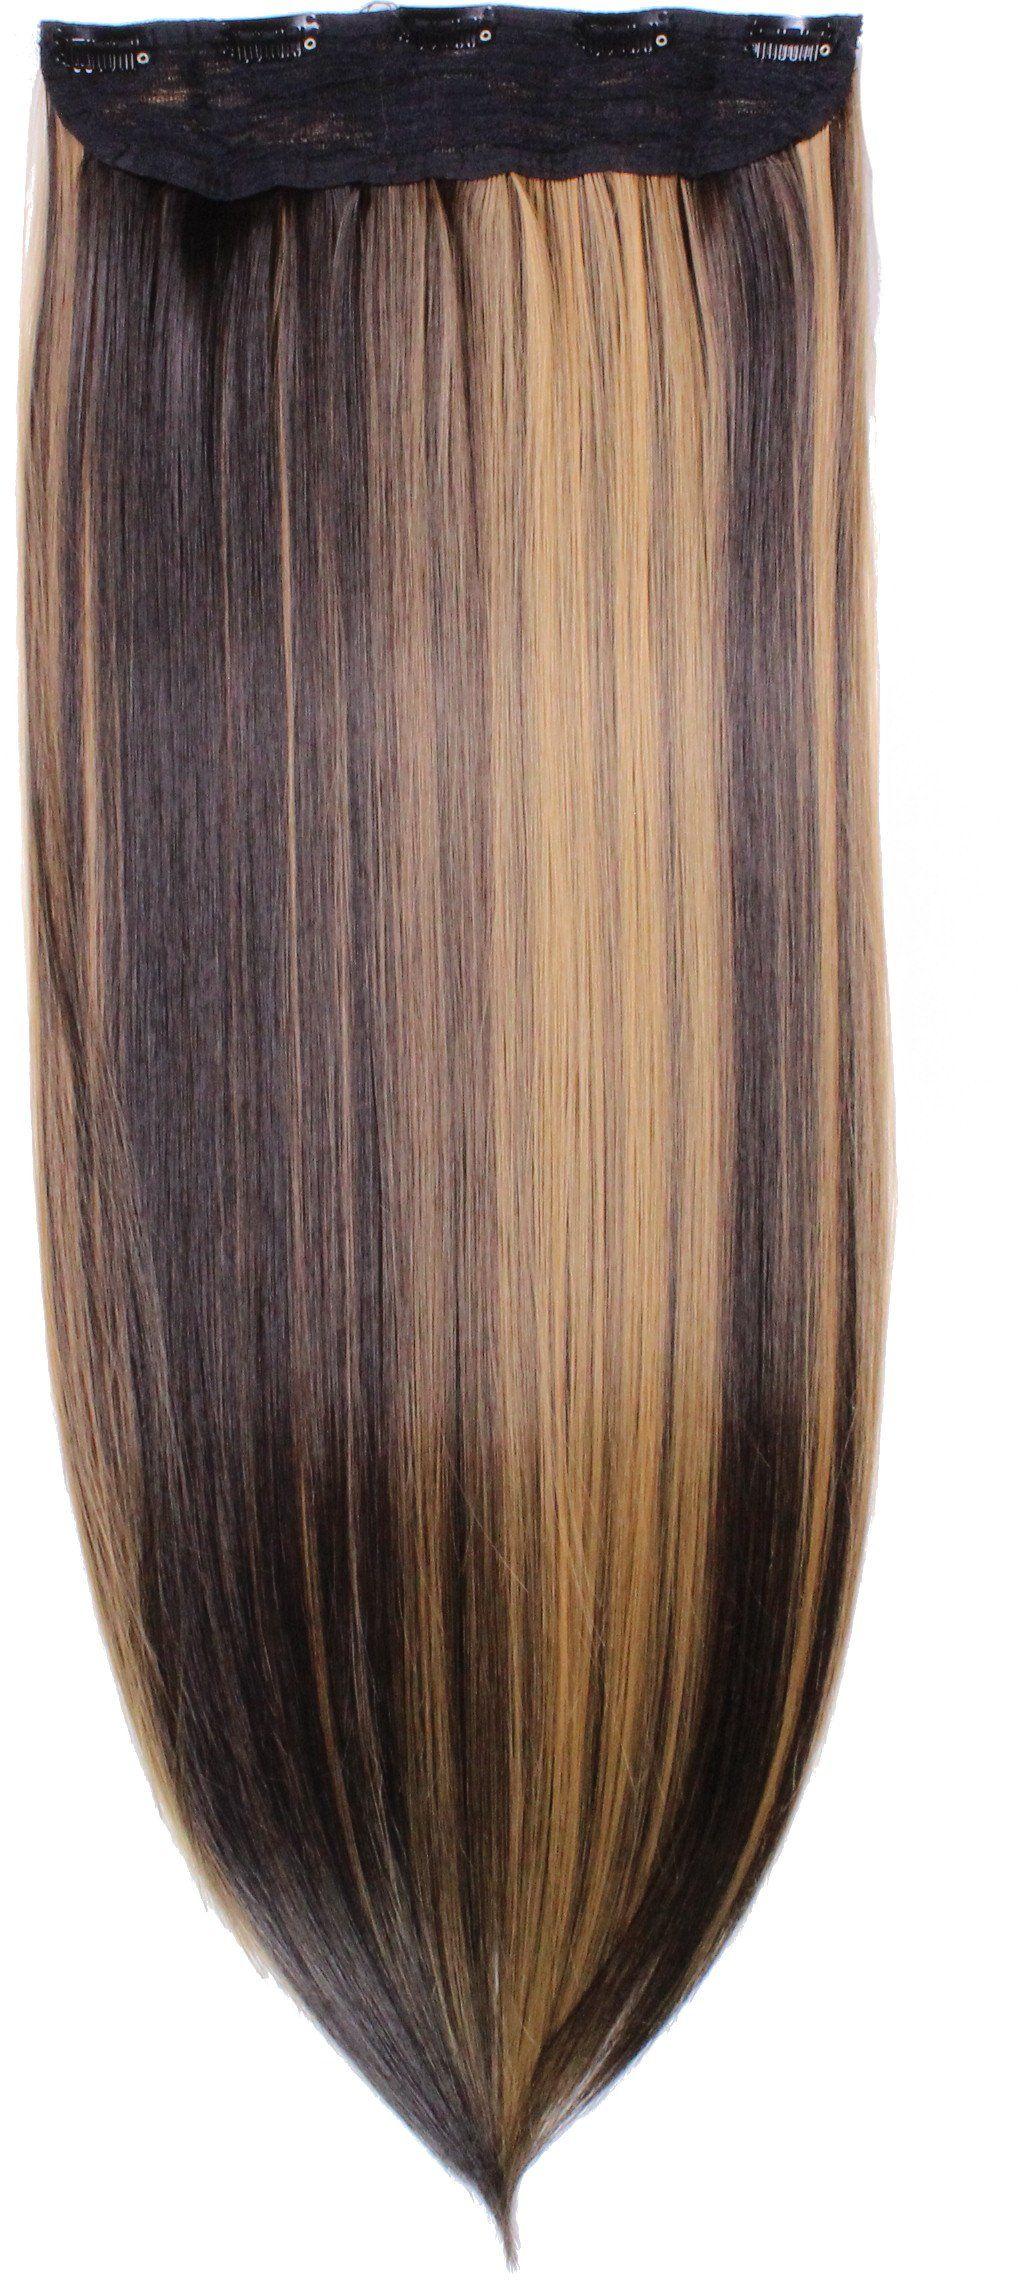 hair2heart Clip in Extensions, waga włosów 130 g, gładka, 2/27 A